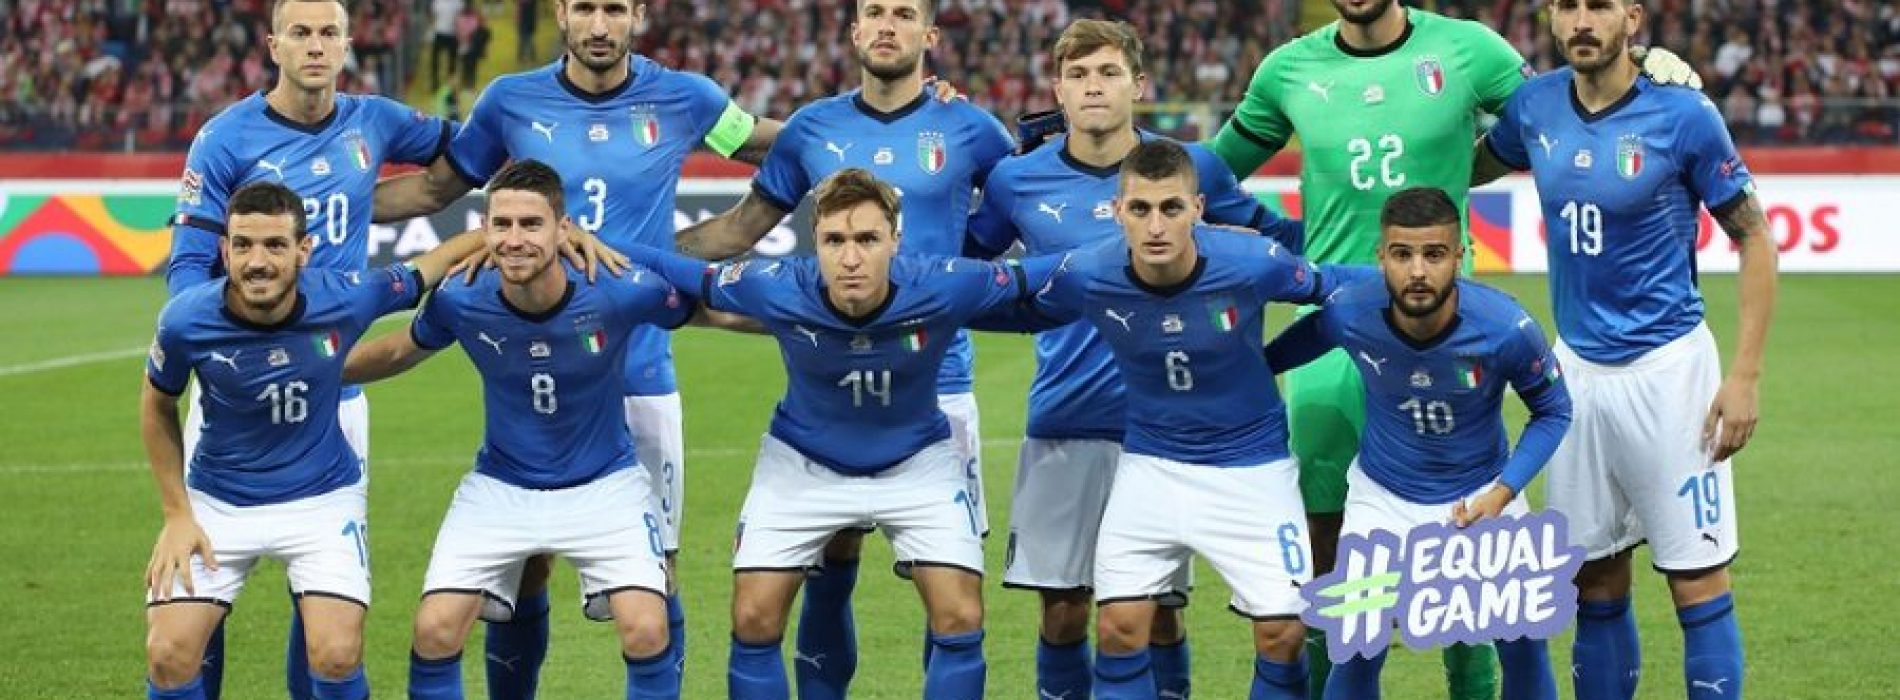 L'Italia soffre ma vince ancora: in Armenia è 1-3 firmato Belotti-Pellegrini